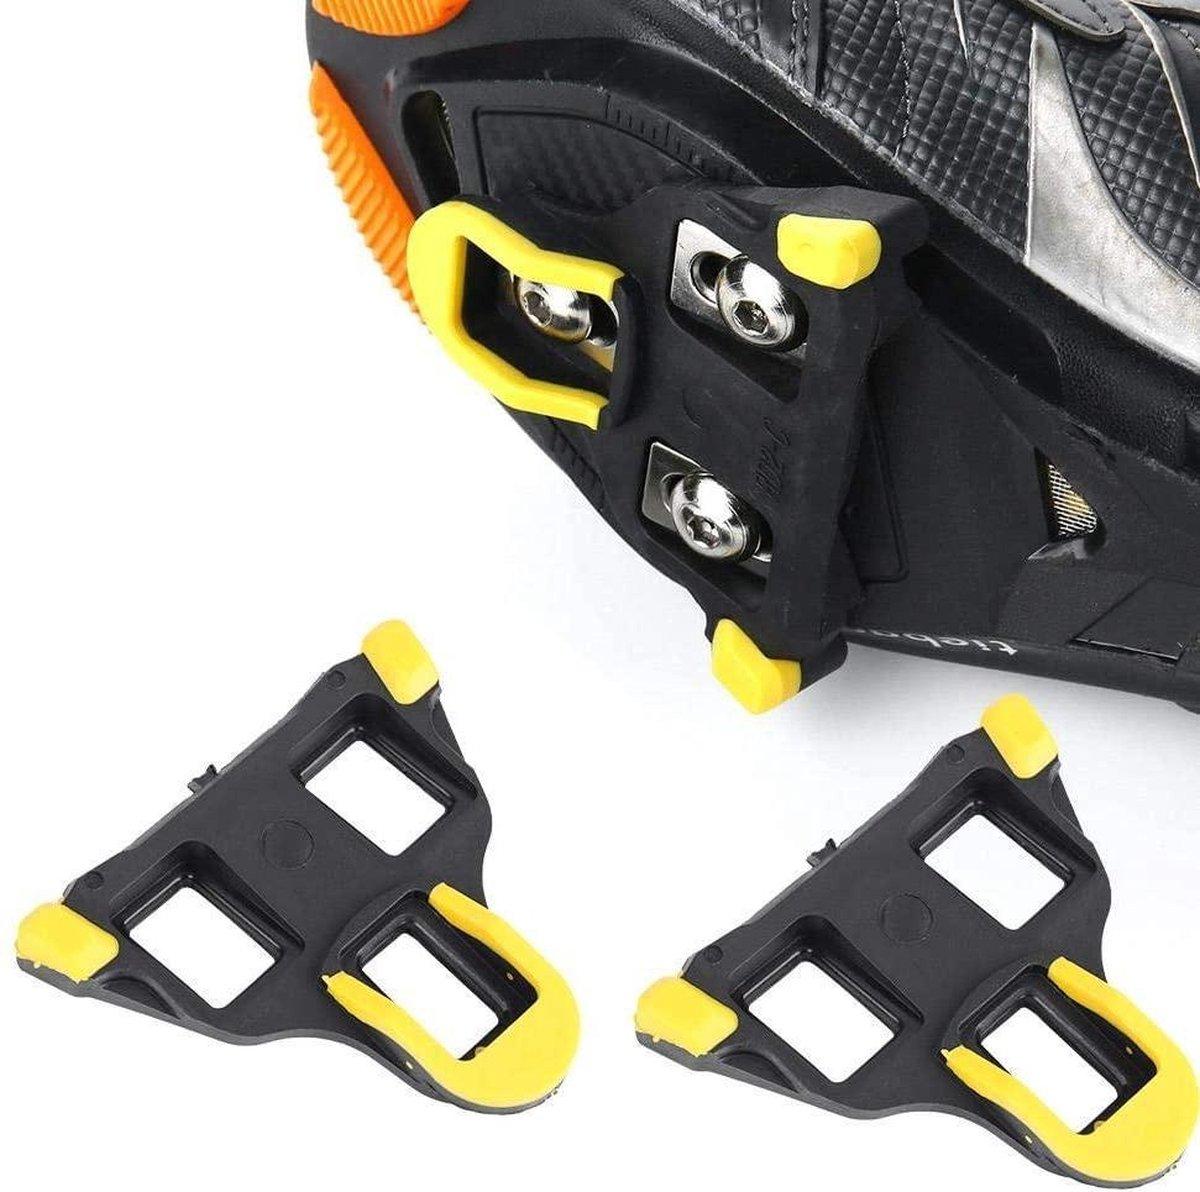 Schoenplaatjes SPD-SL  Geschikt voor Shimano SPD SL pedalen - Geel - Niet origineel